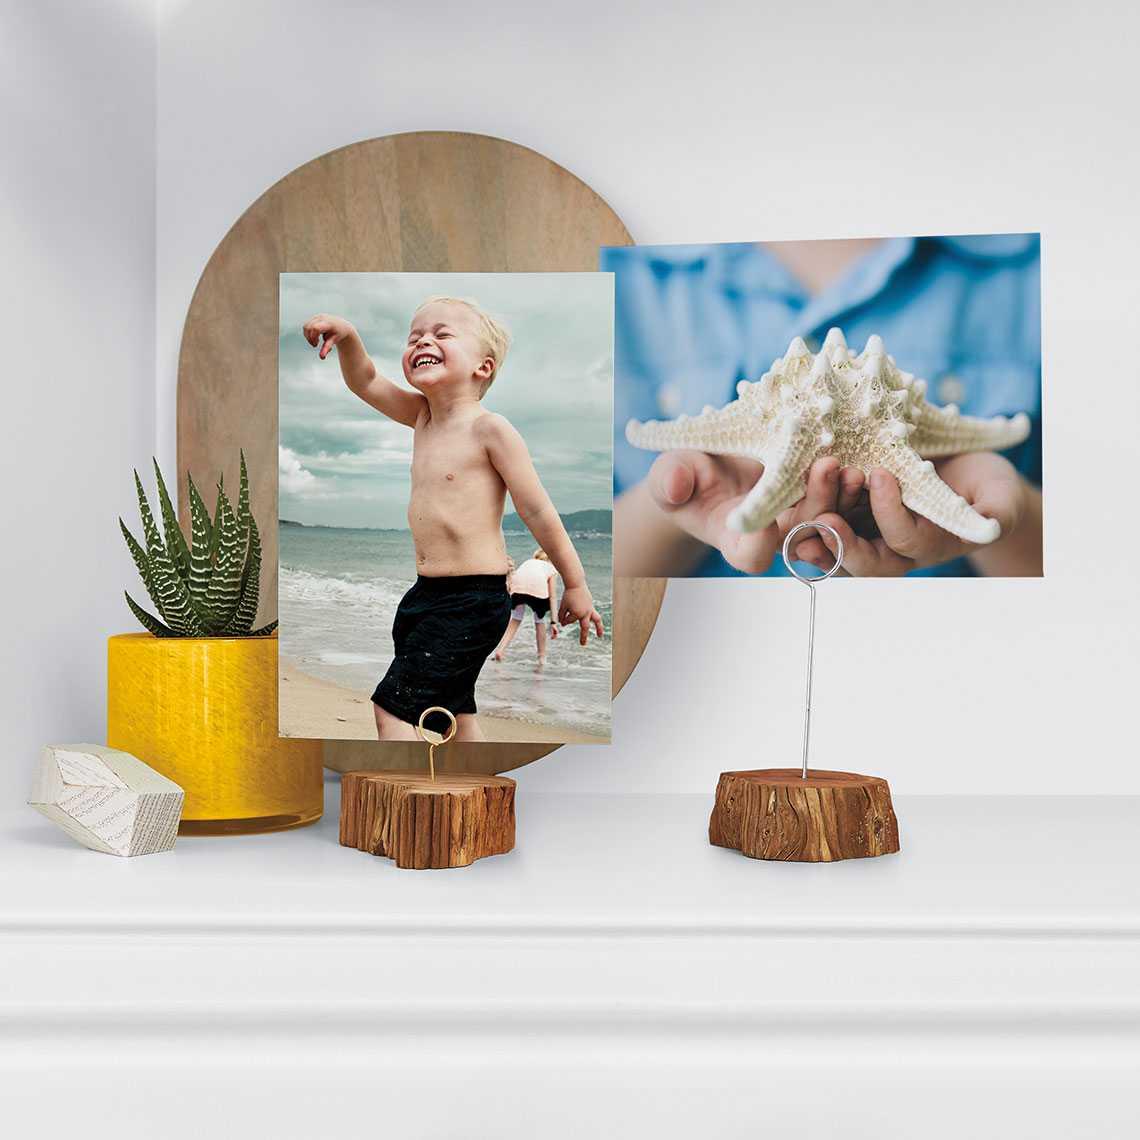 pdp-prints-5x7-1140x1140